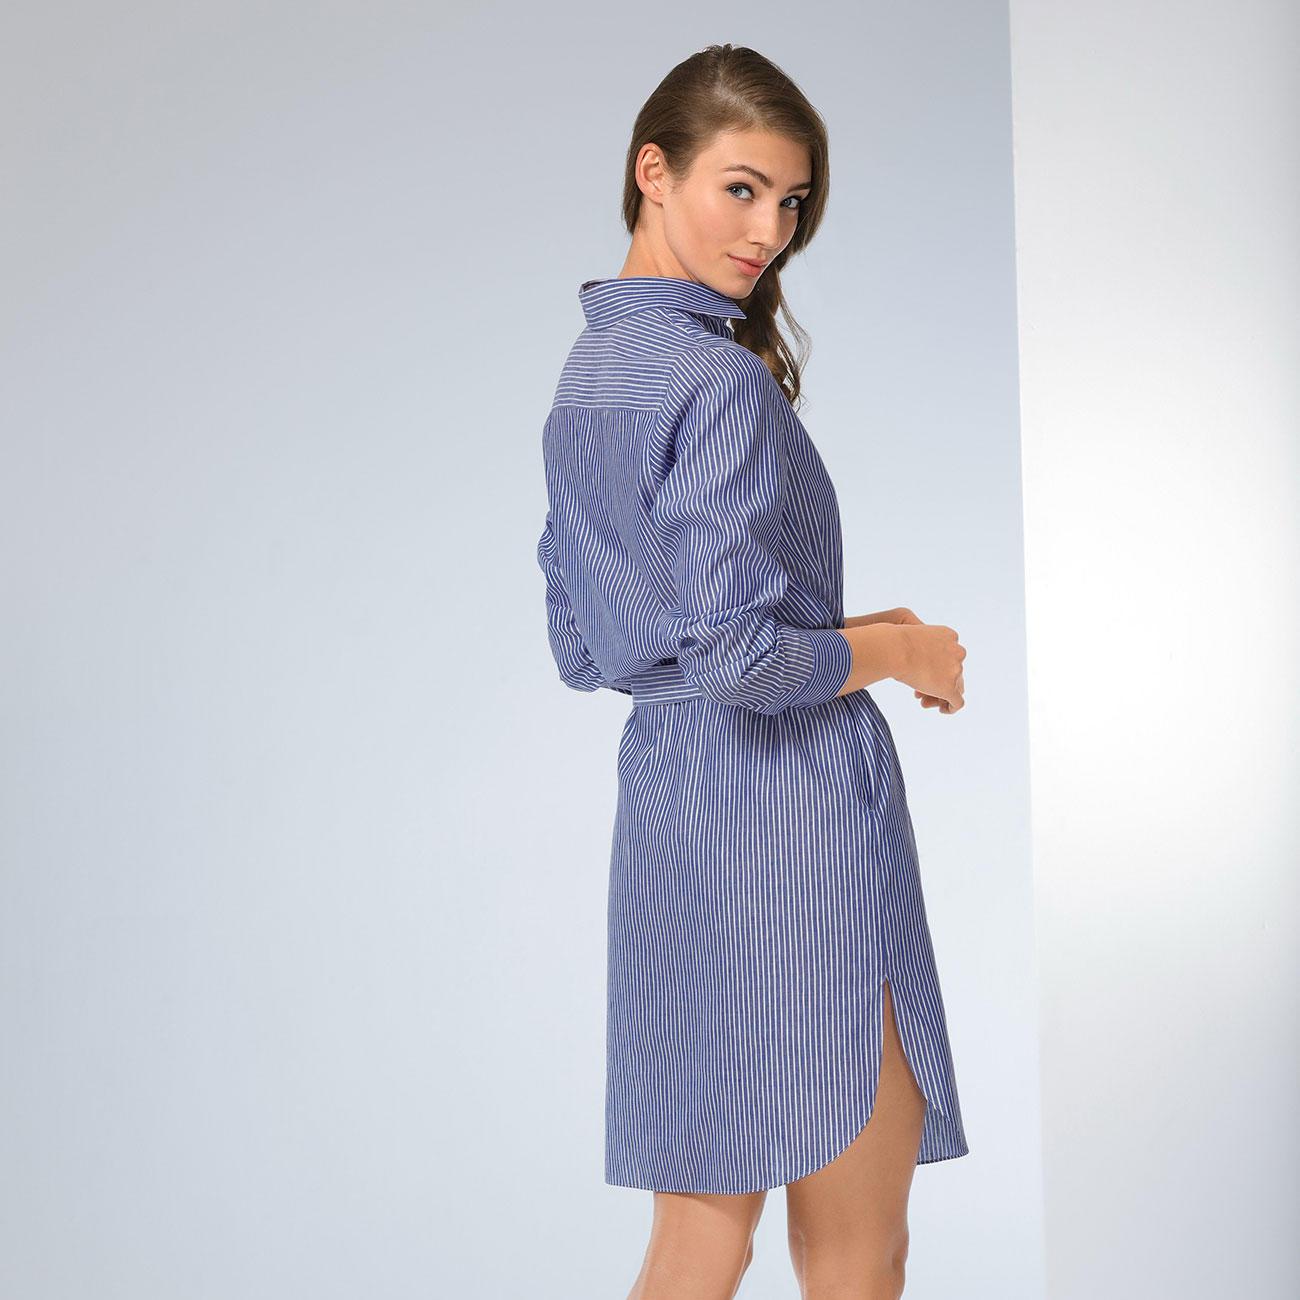 Van Laack Blusenkleid  Modeklassiker Entdecken